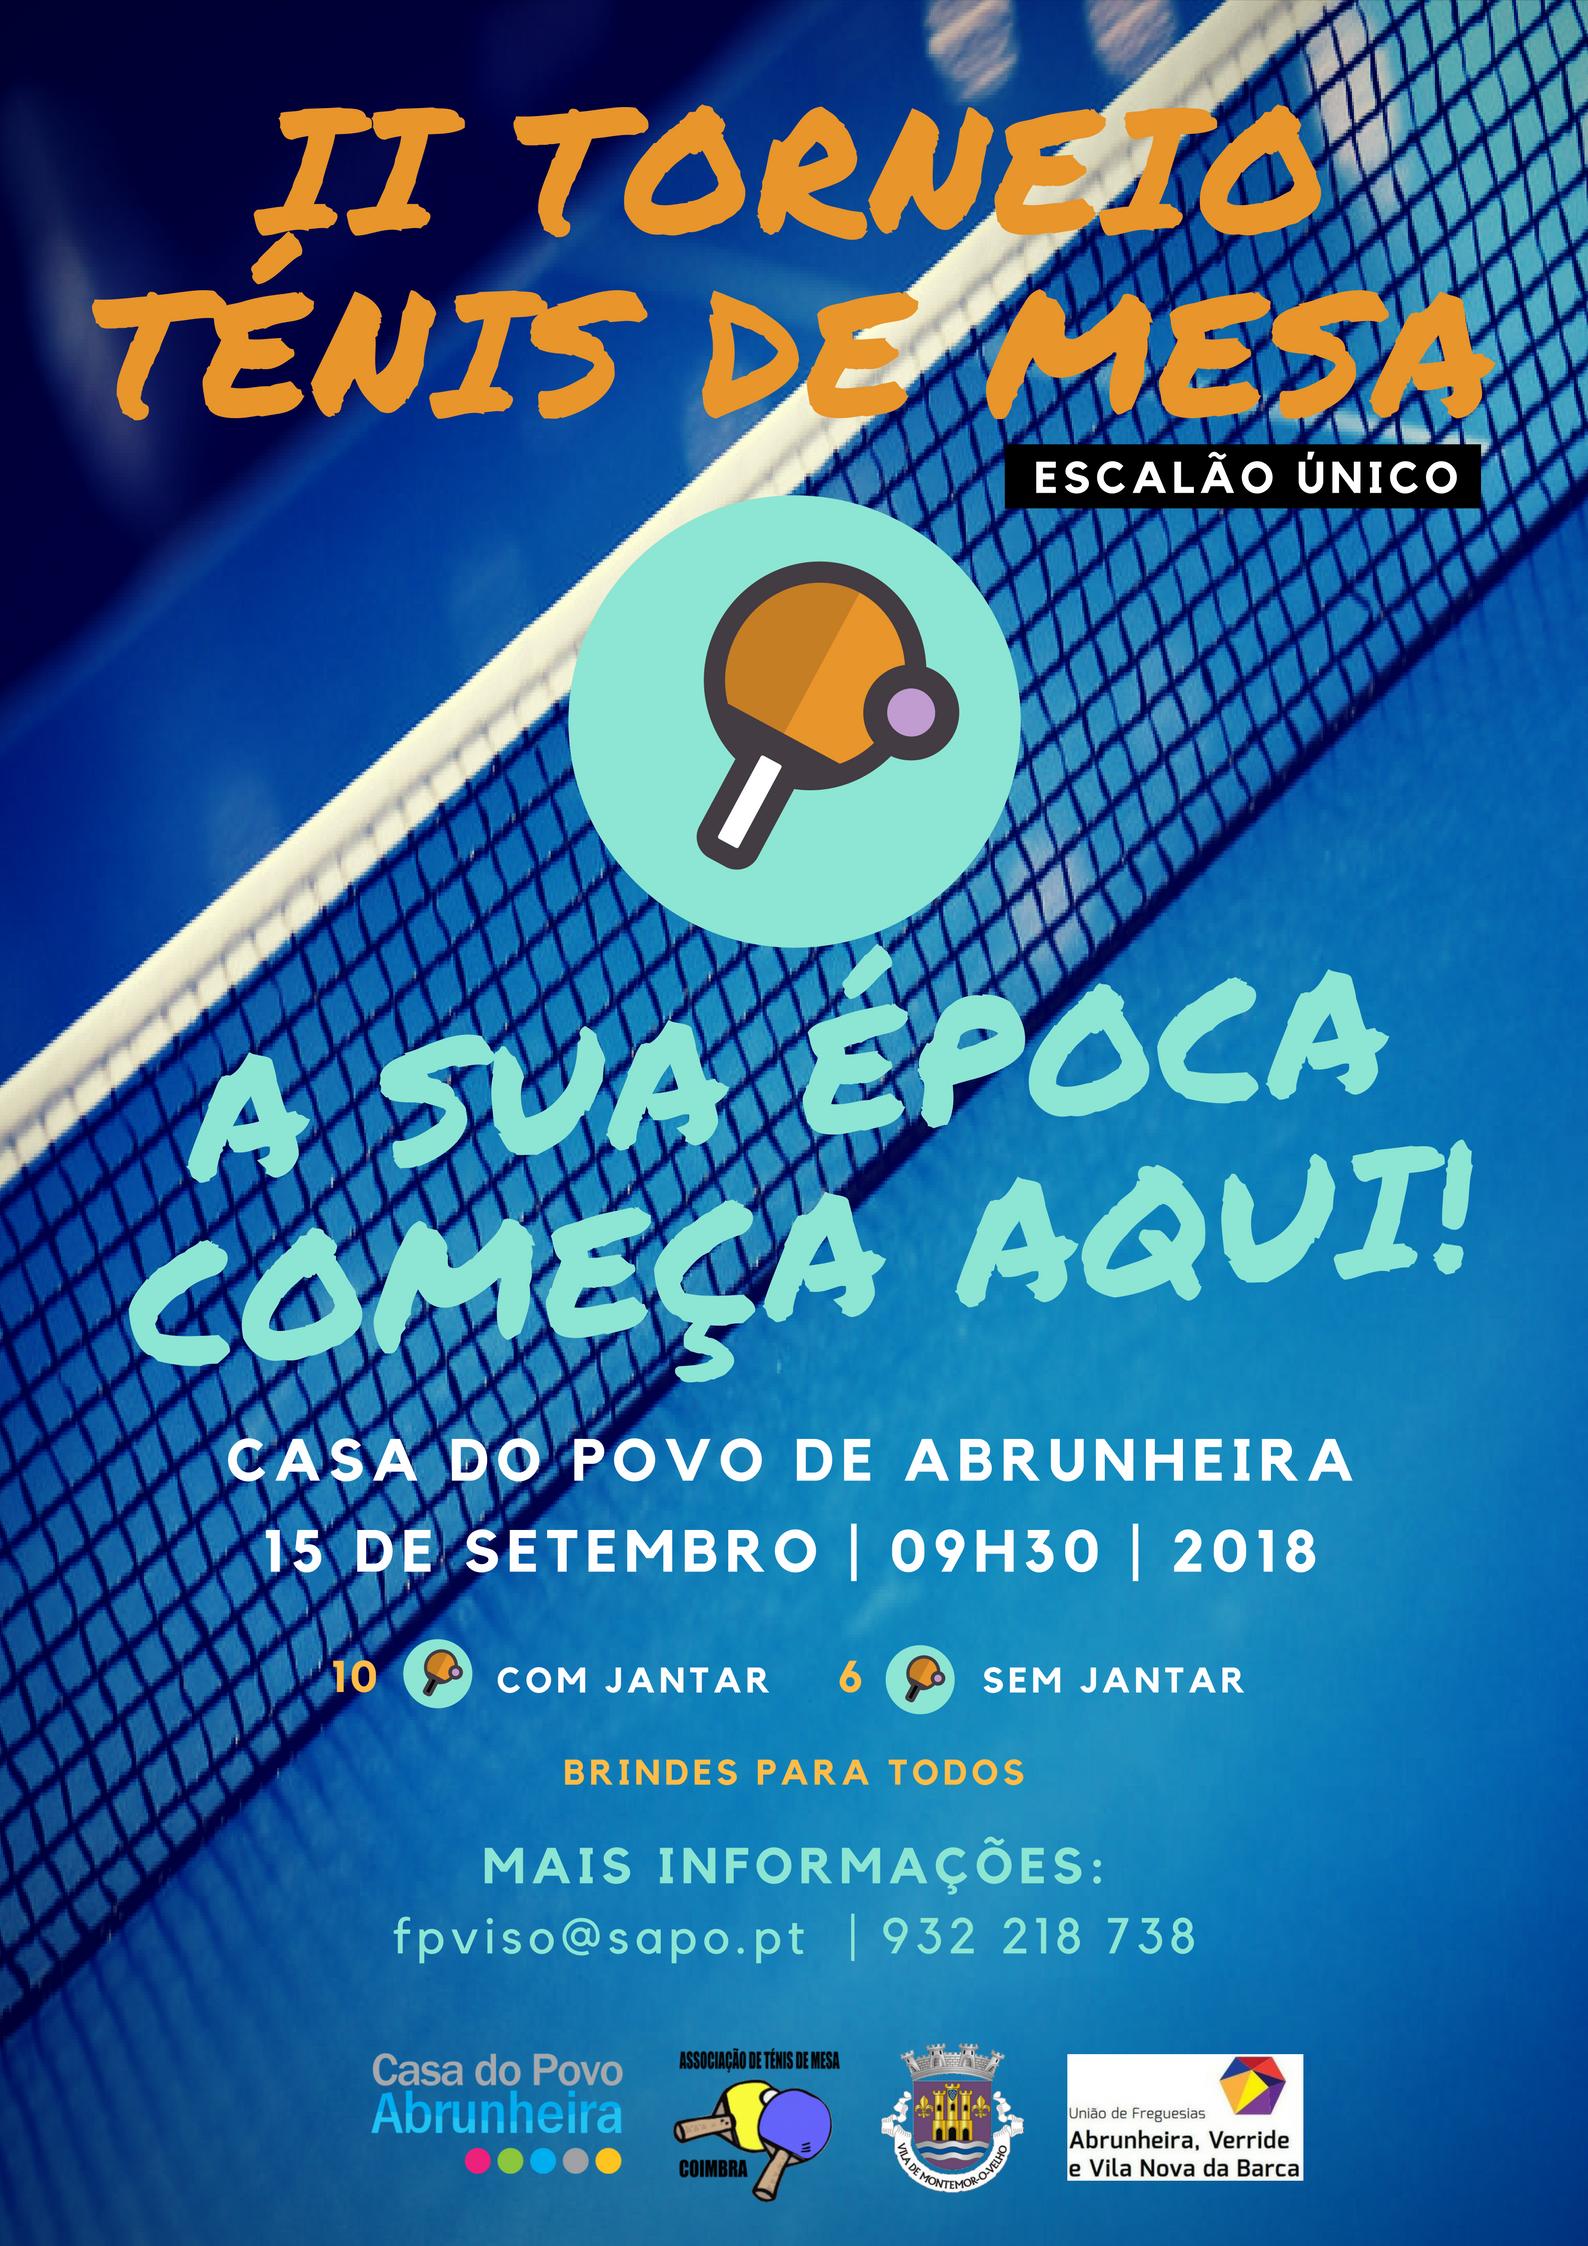 Cartaz ténis de mesa 2018 - Casa do Povo de Abrunheira - Lar de ... 5b1e5ffe7a93d